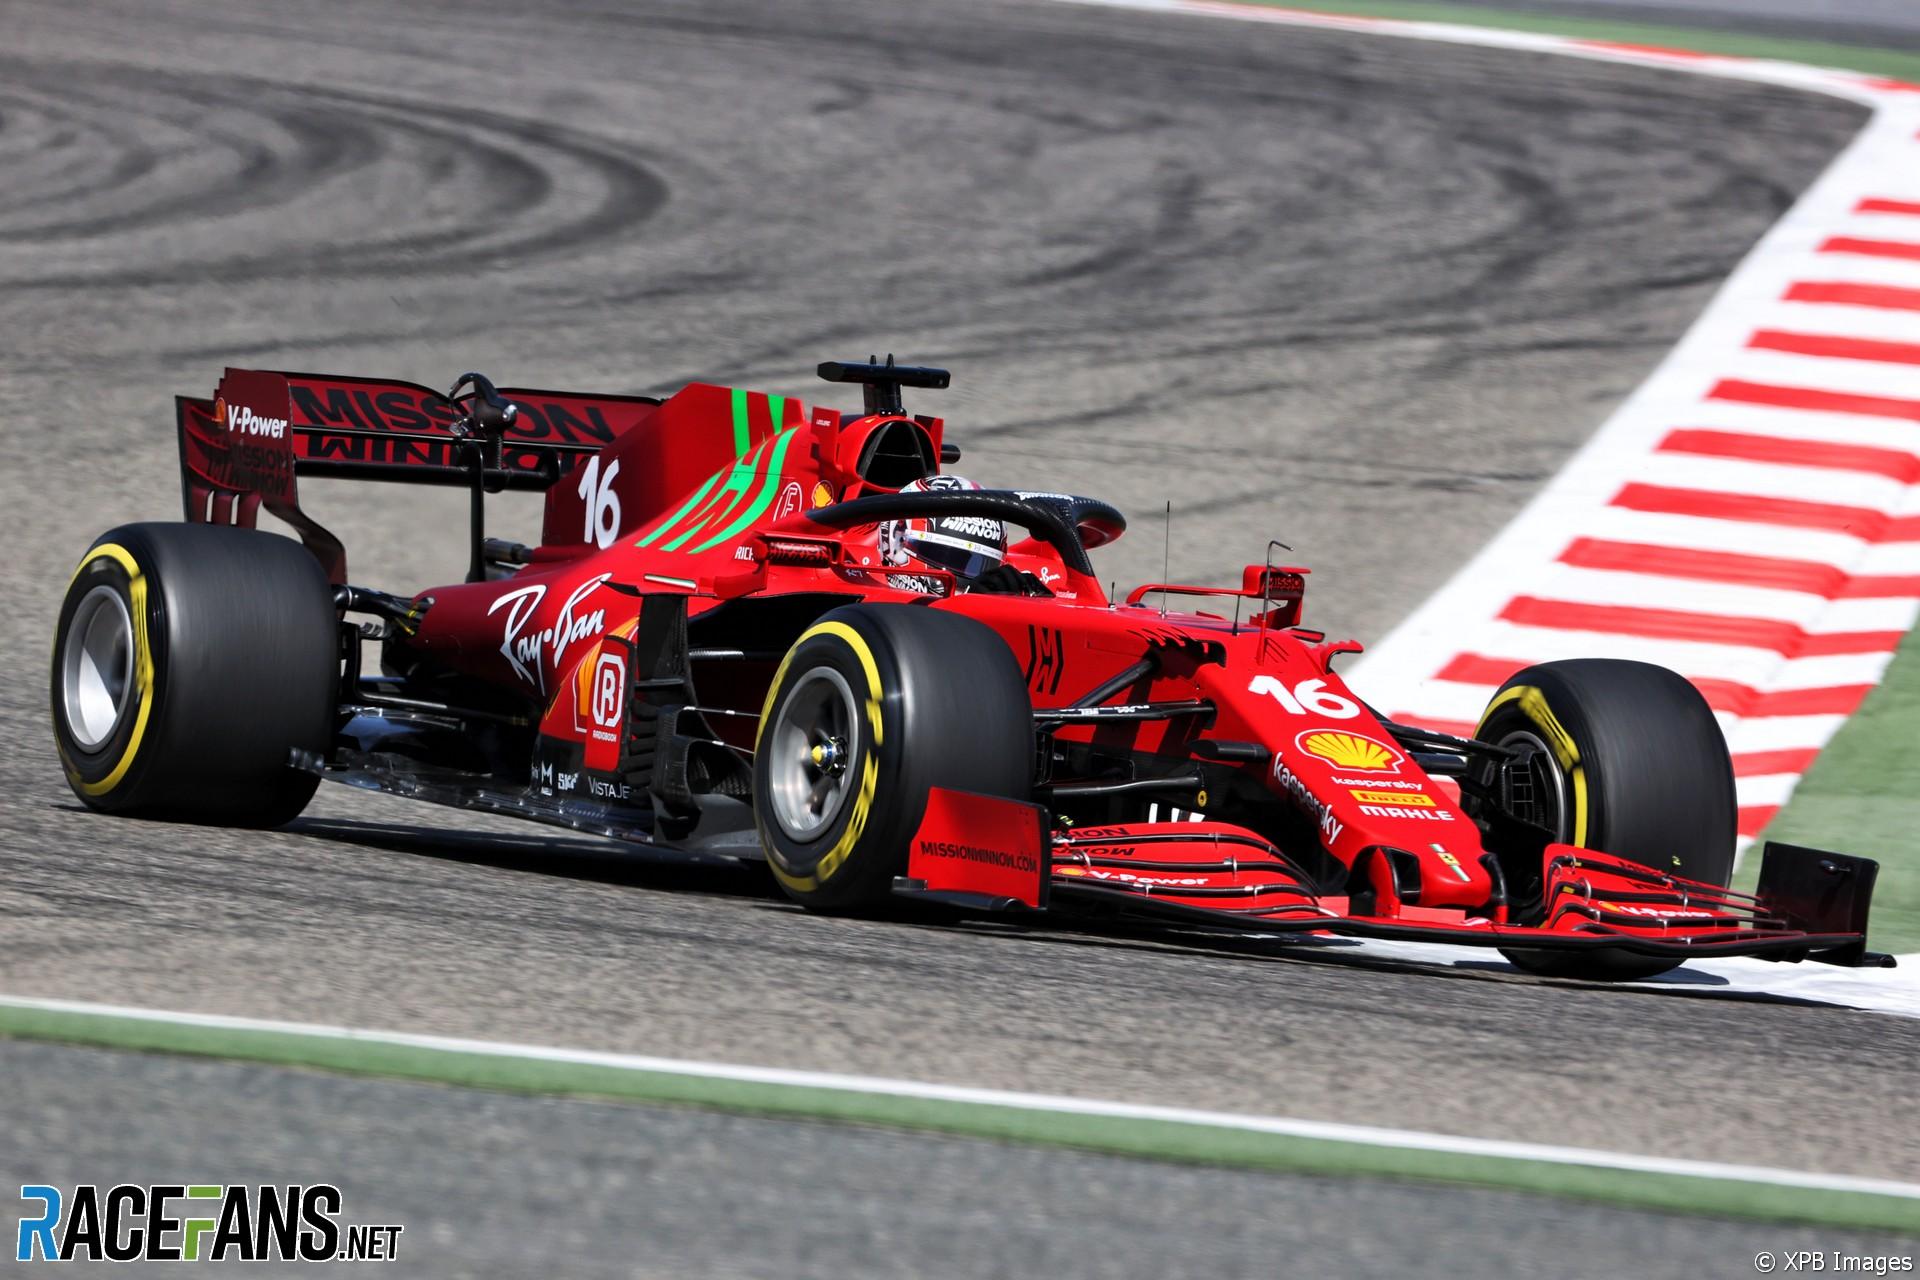 Charles Leclerc, Ferrari, Circuito Internacional de Baréin, 2021